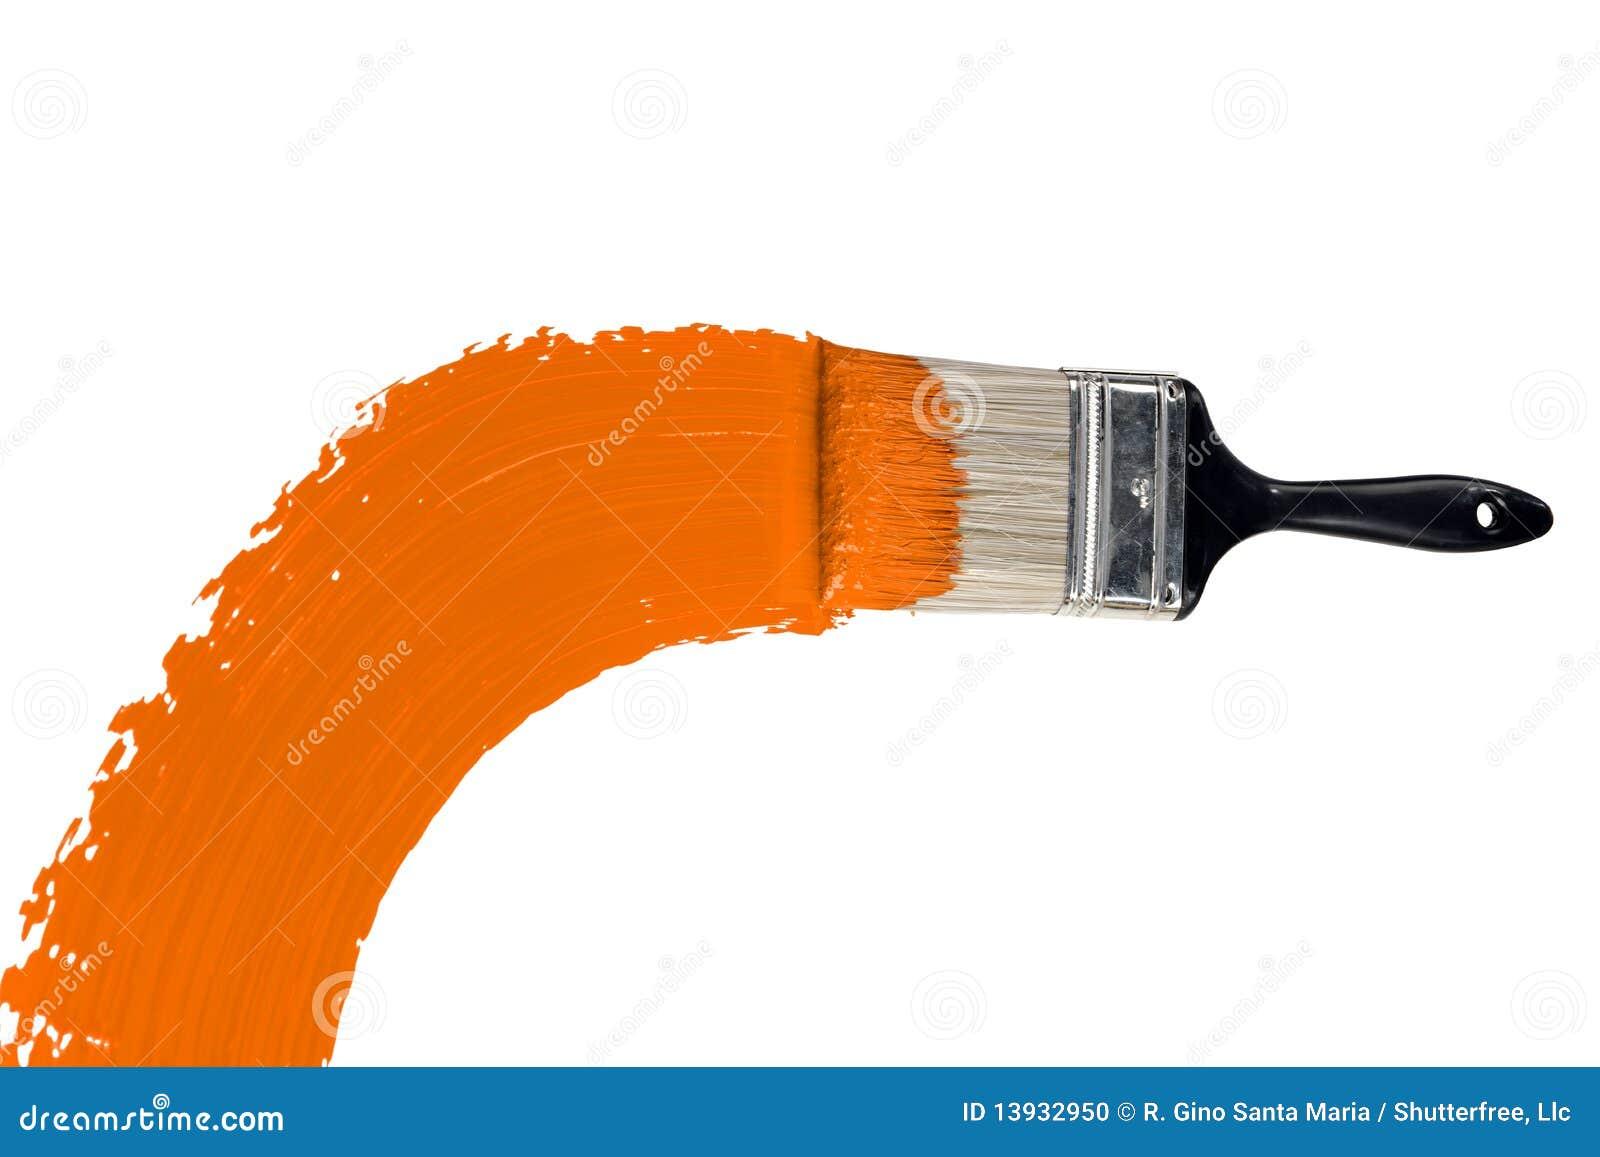 Orange Paint brush painting wall with orange paint stock images - image: 14096314